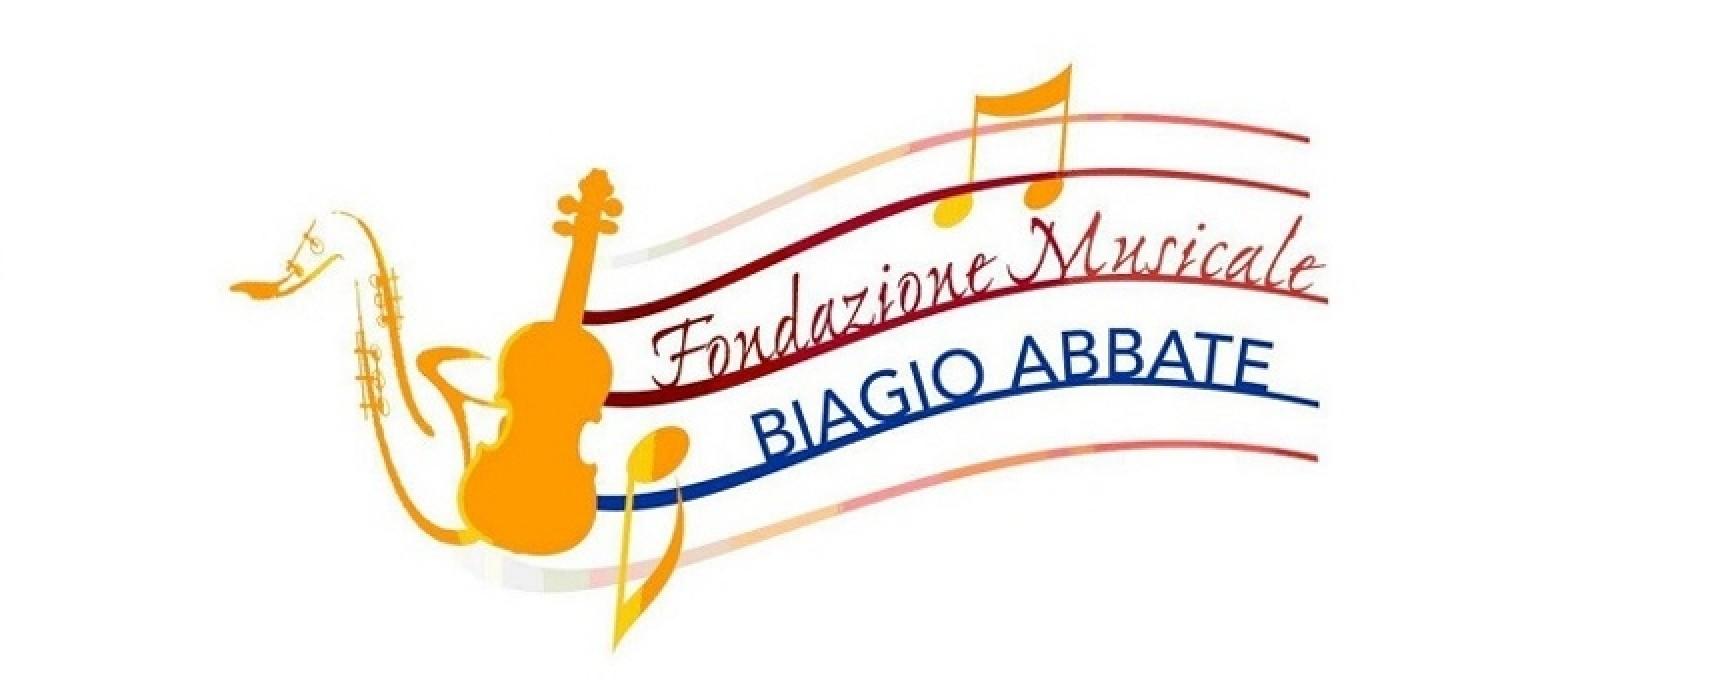 """La Fondazione musicale Biagio Abbate promuove """"Musica e parole"""" per gli studenti"""